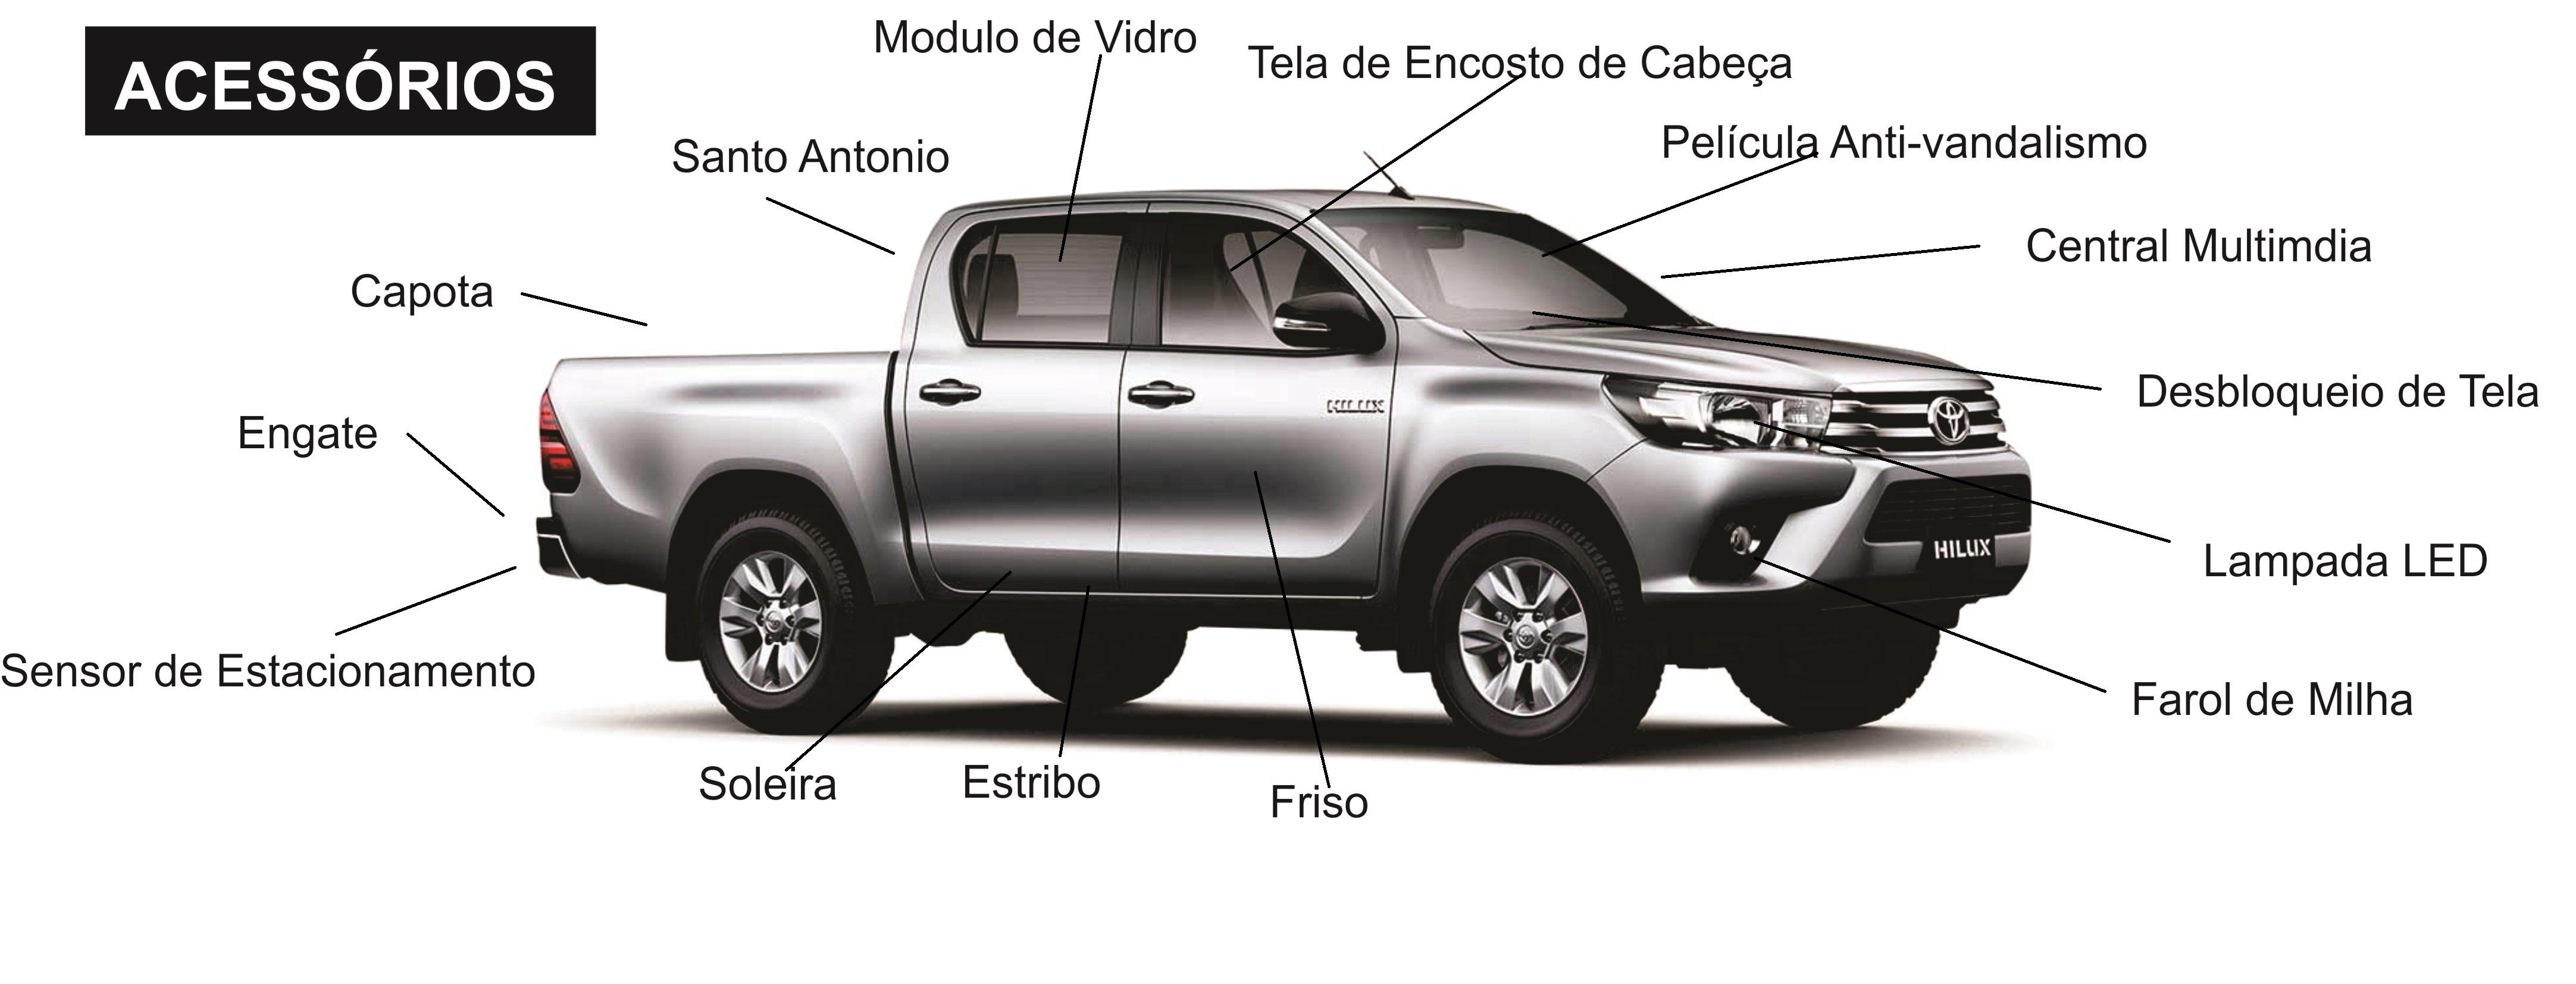 Acessorios Original Toyota Hilux 2017 2018